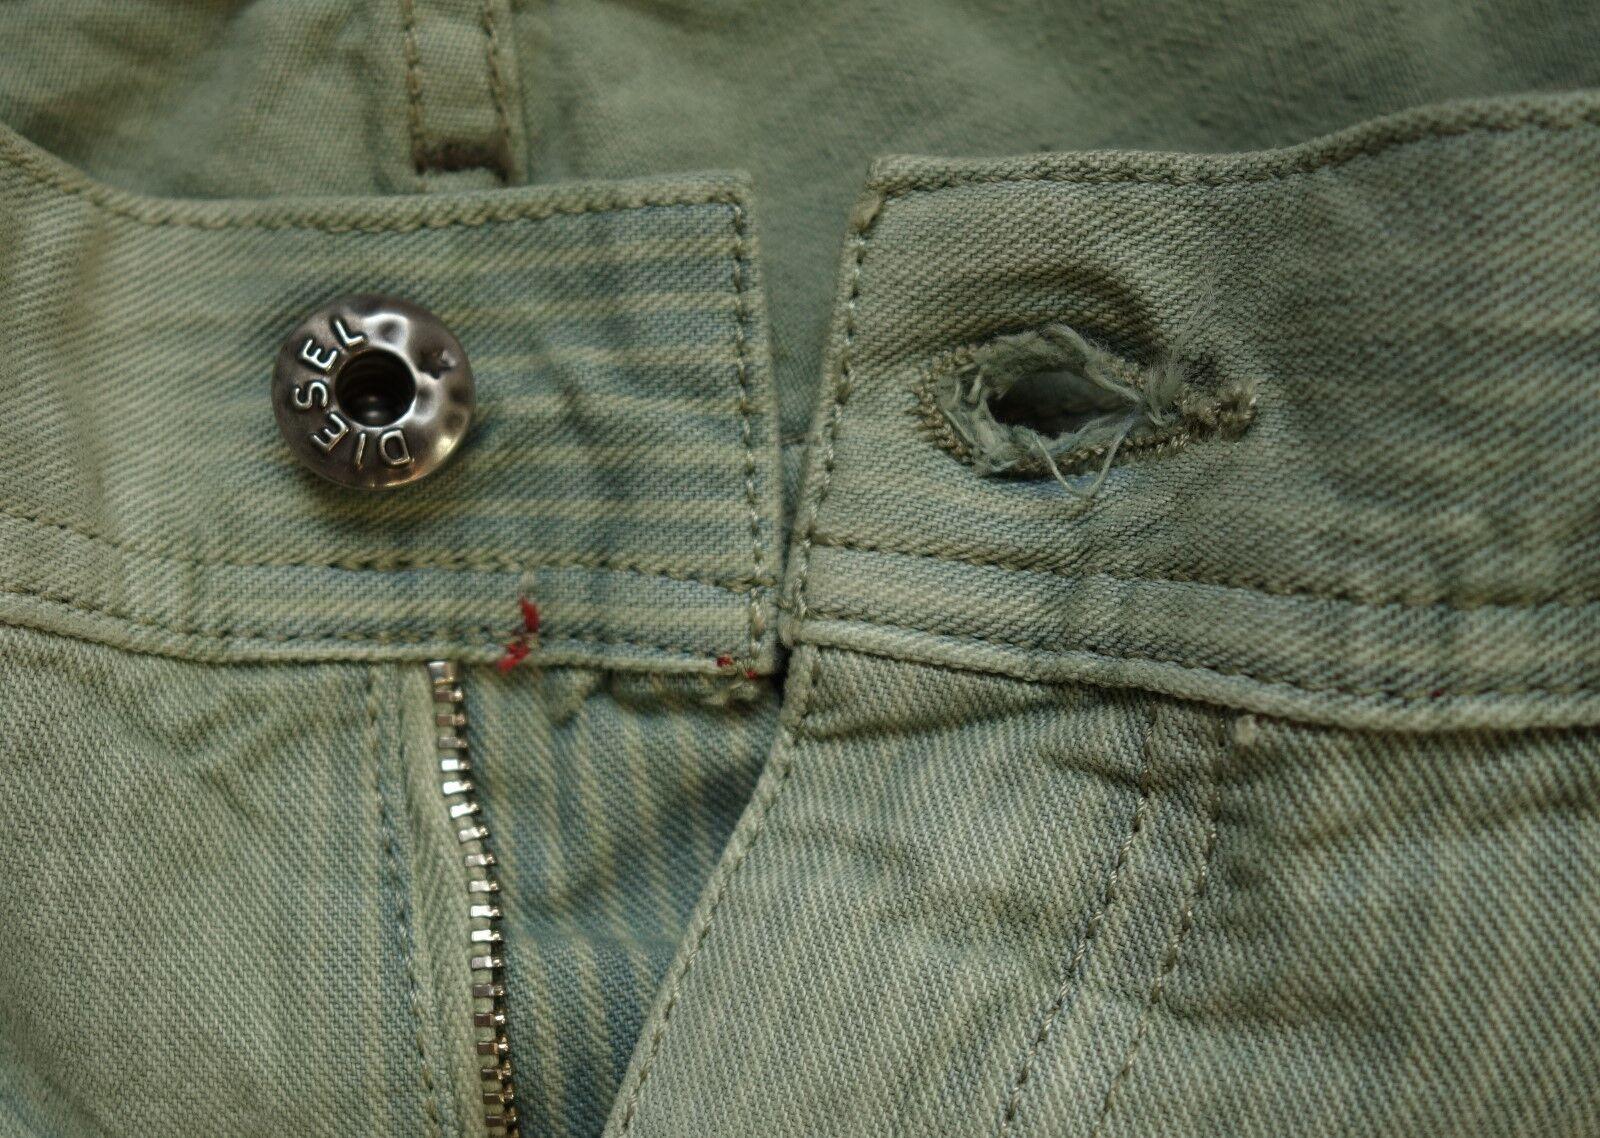 258 NEW Diesel Jeans FAITHLEGG Green W28 WAIST ACROSS15 x34 Reg. Straight ITALY